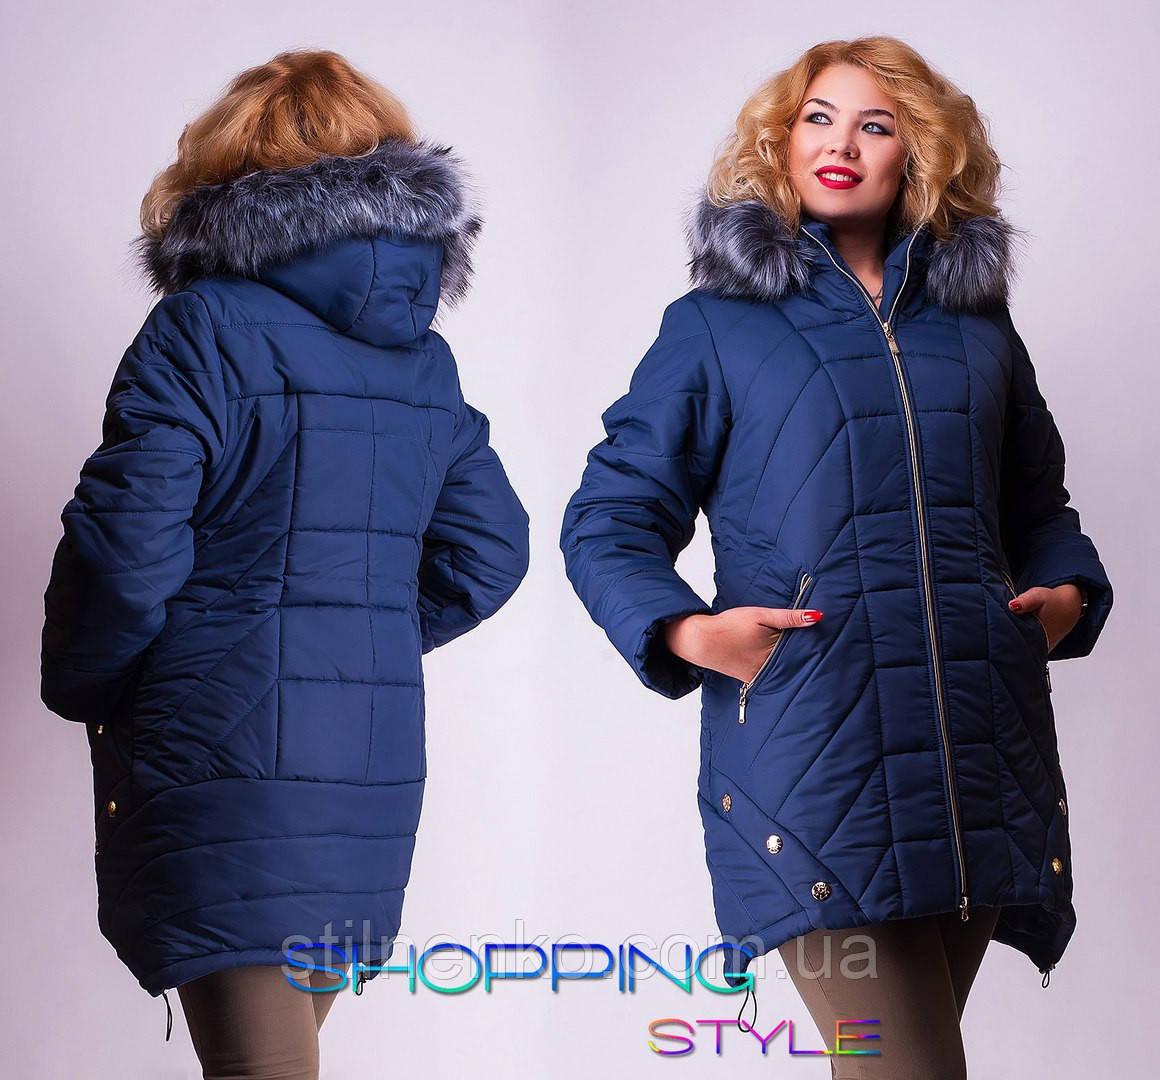 8ae861b011f Зимняя куртка больших размеров 52-58 на тройном синтепоне